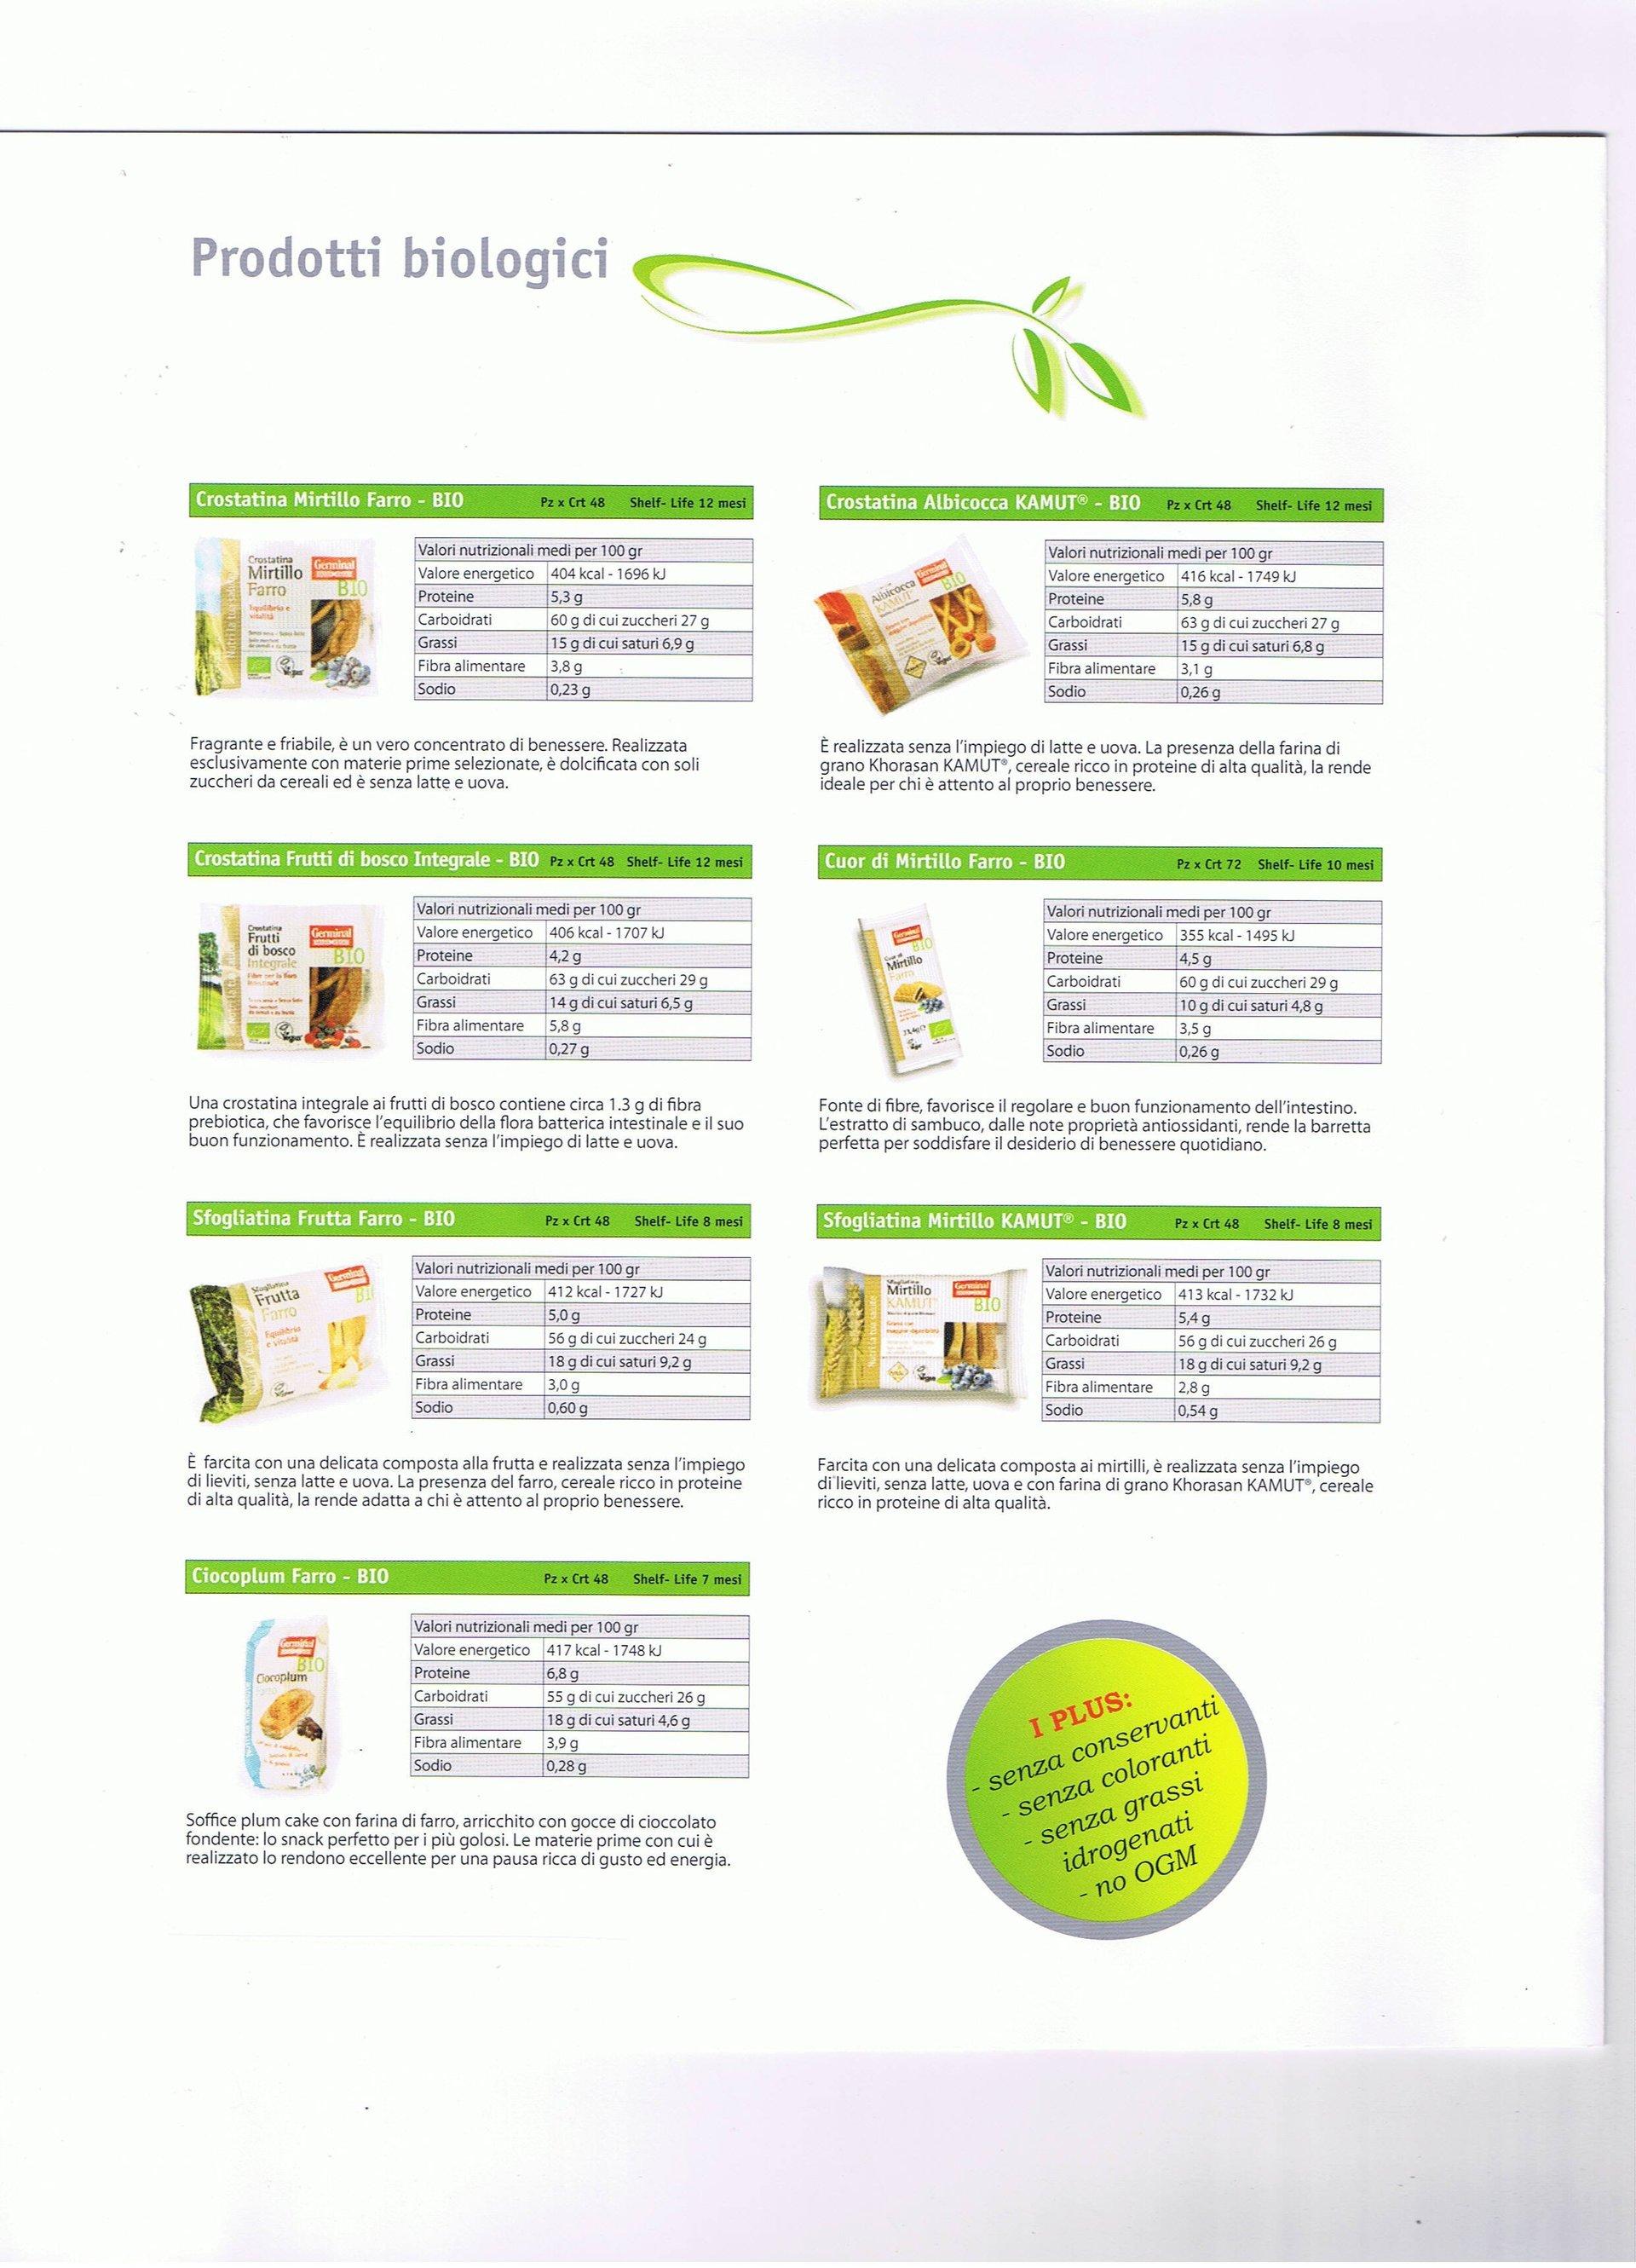 scheda tecnica dei prodotti senza glutine disponibili